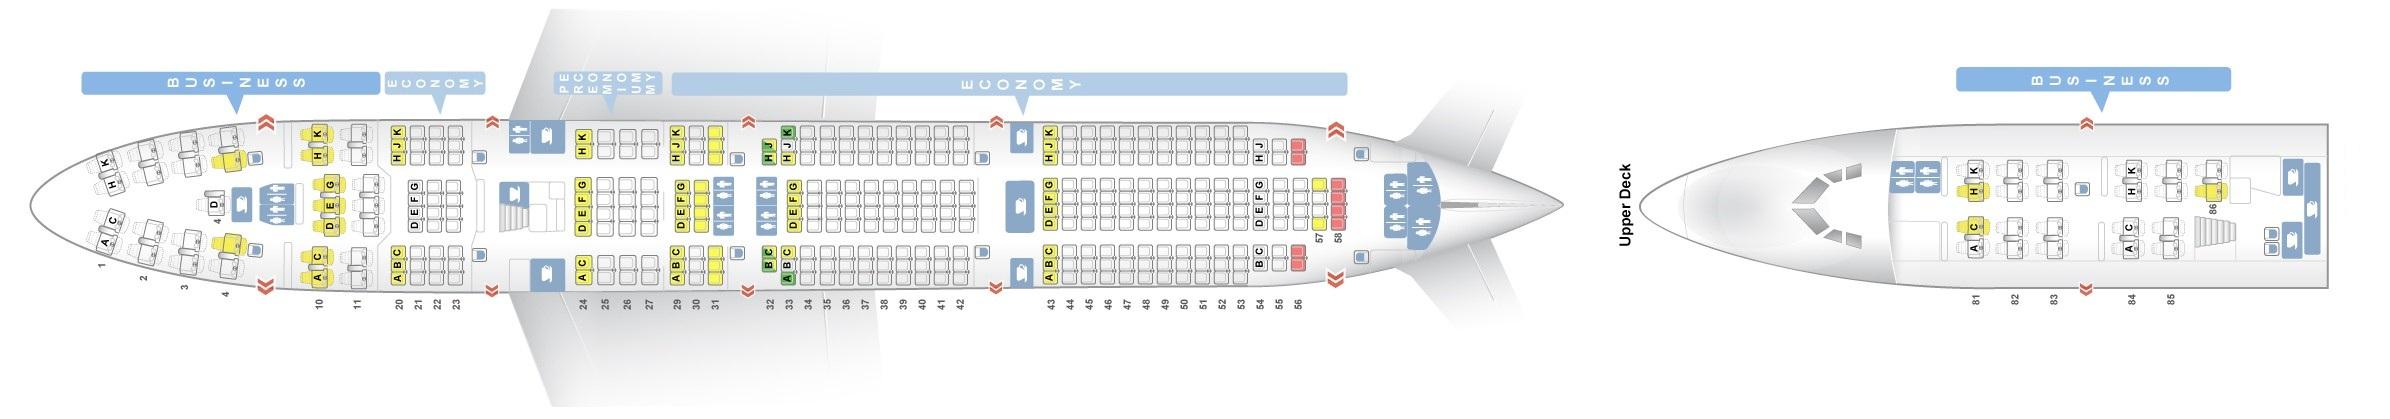 Lufthansa_Boeing_747_400_V1